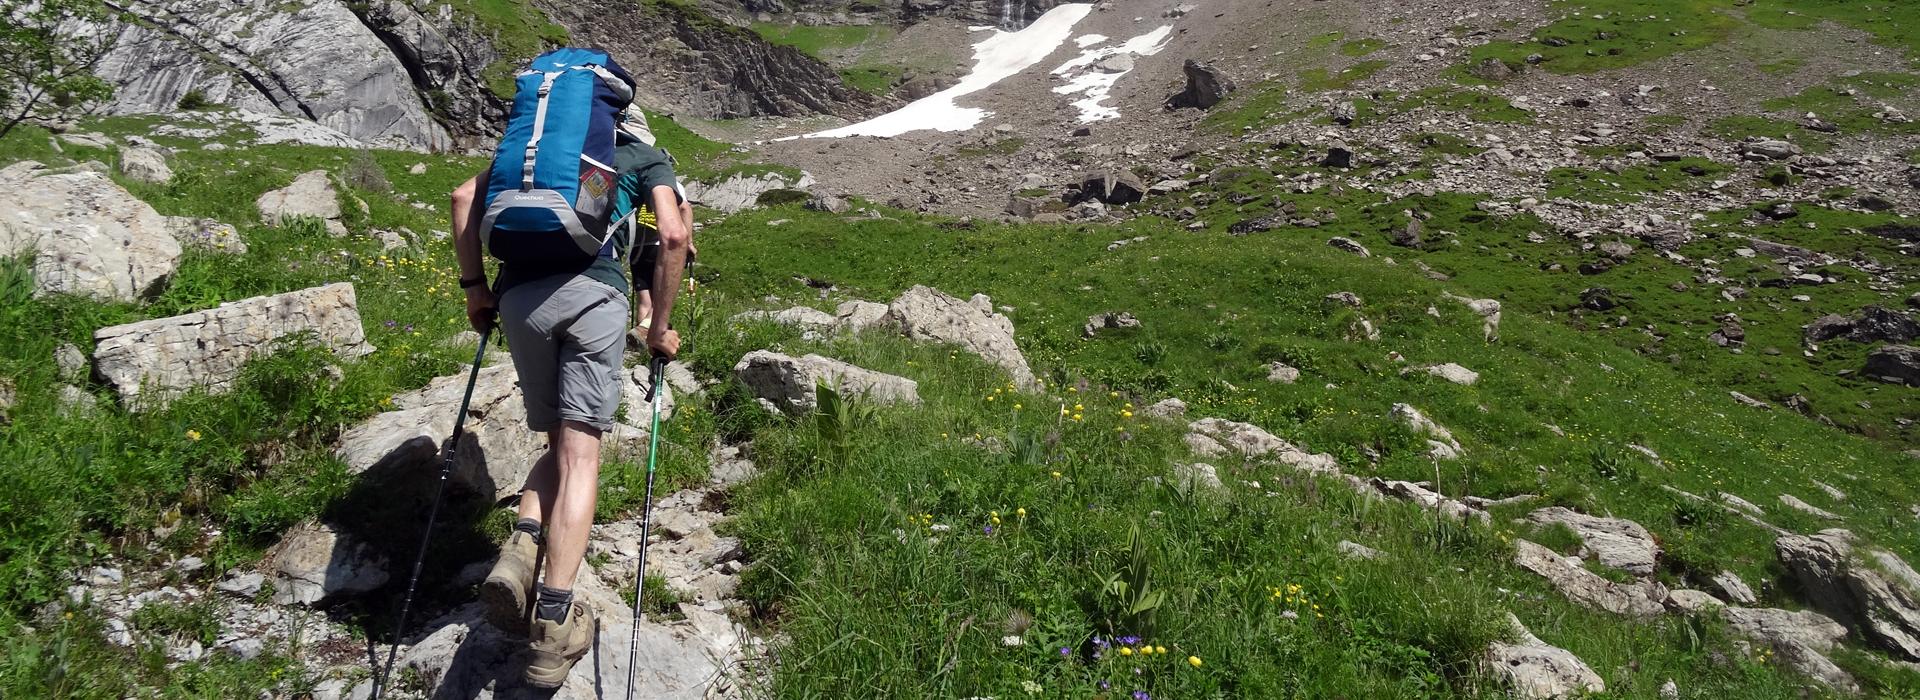 Eviter les douleurs aux genoux en randonnée